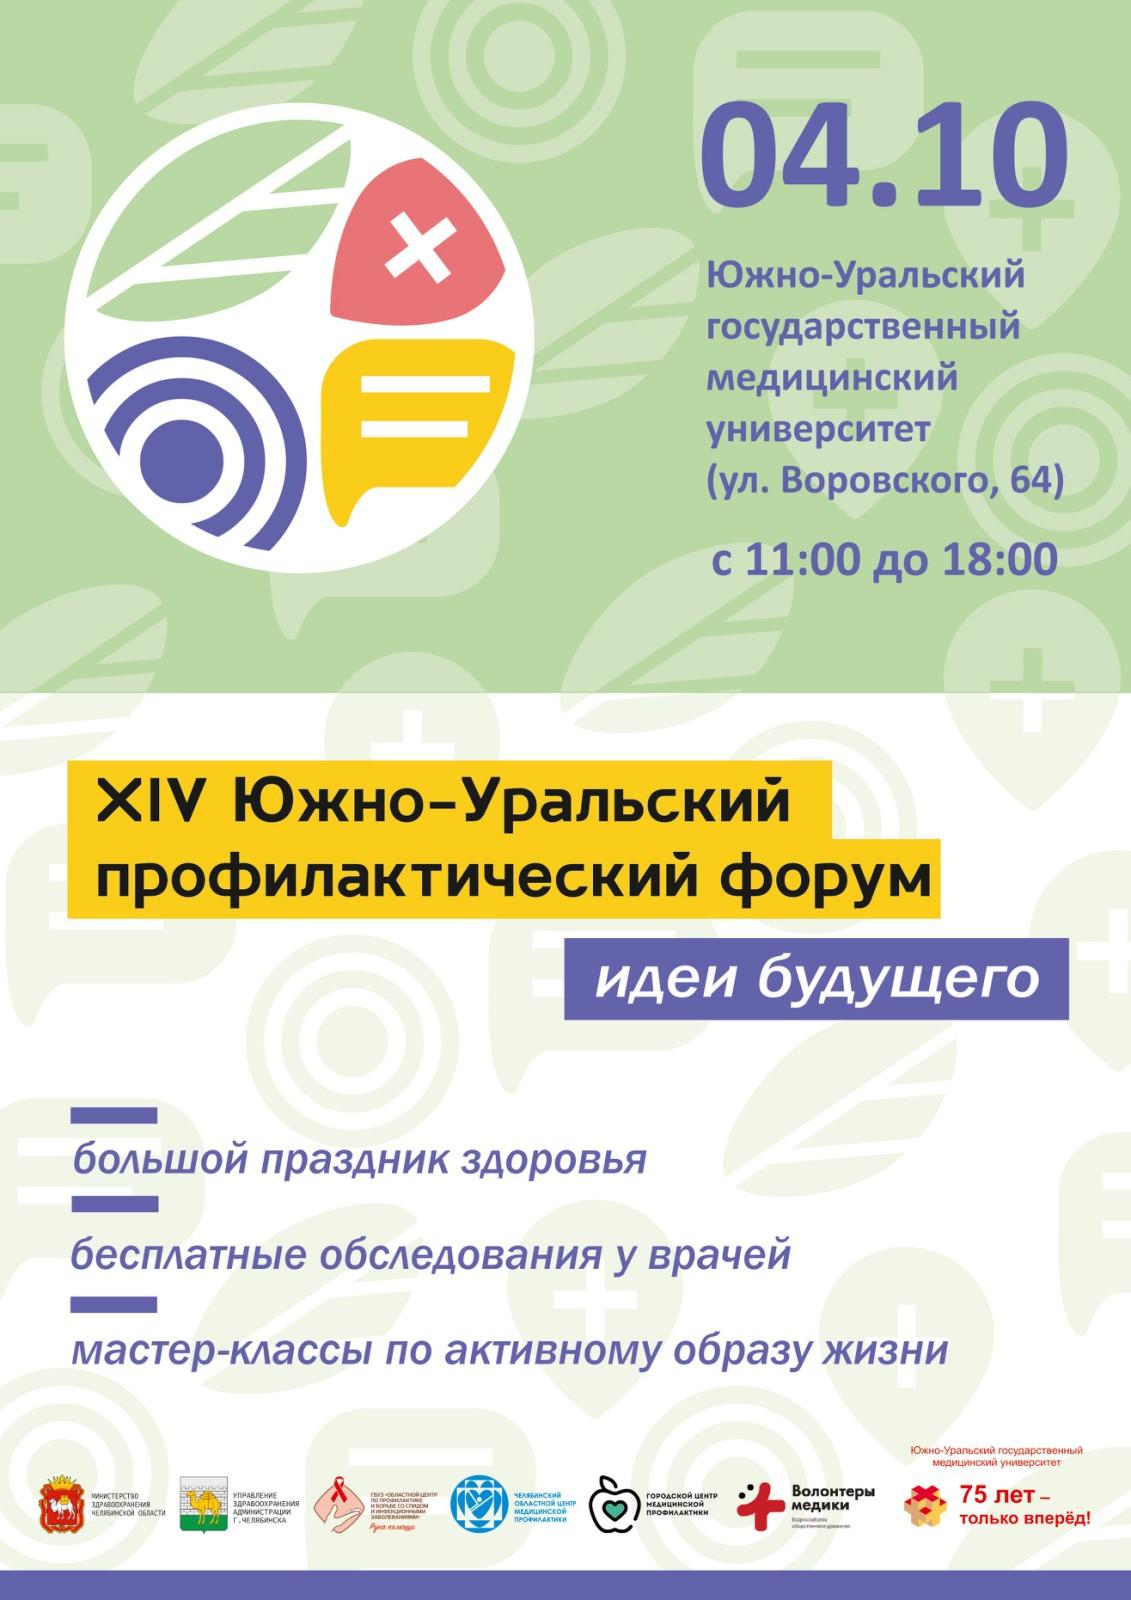 XIV Южно-Уральский профилактический форум